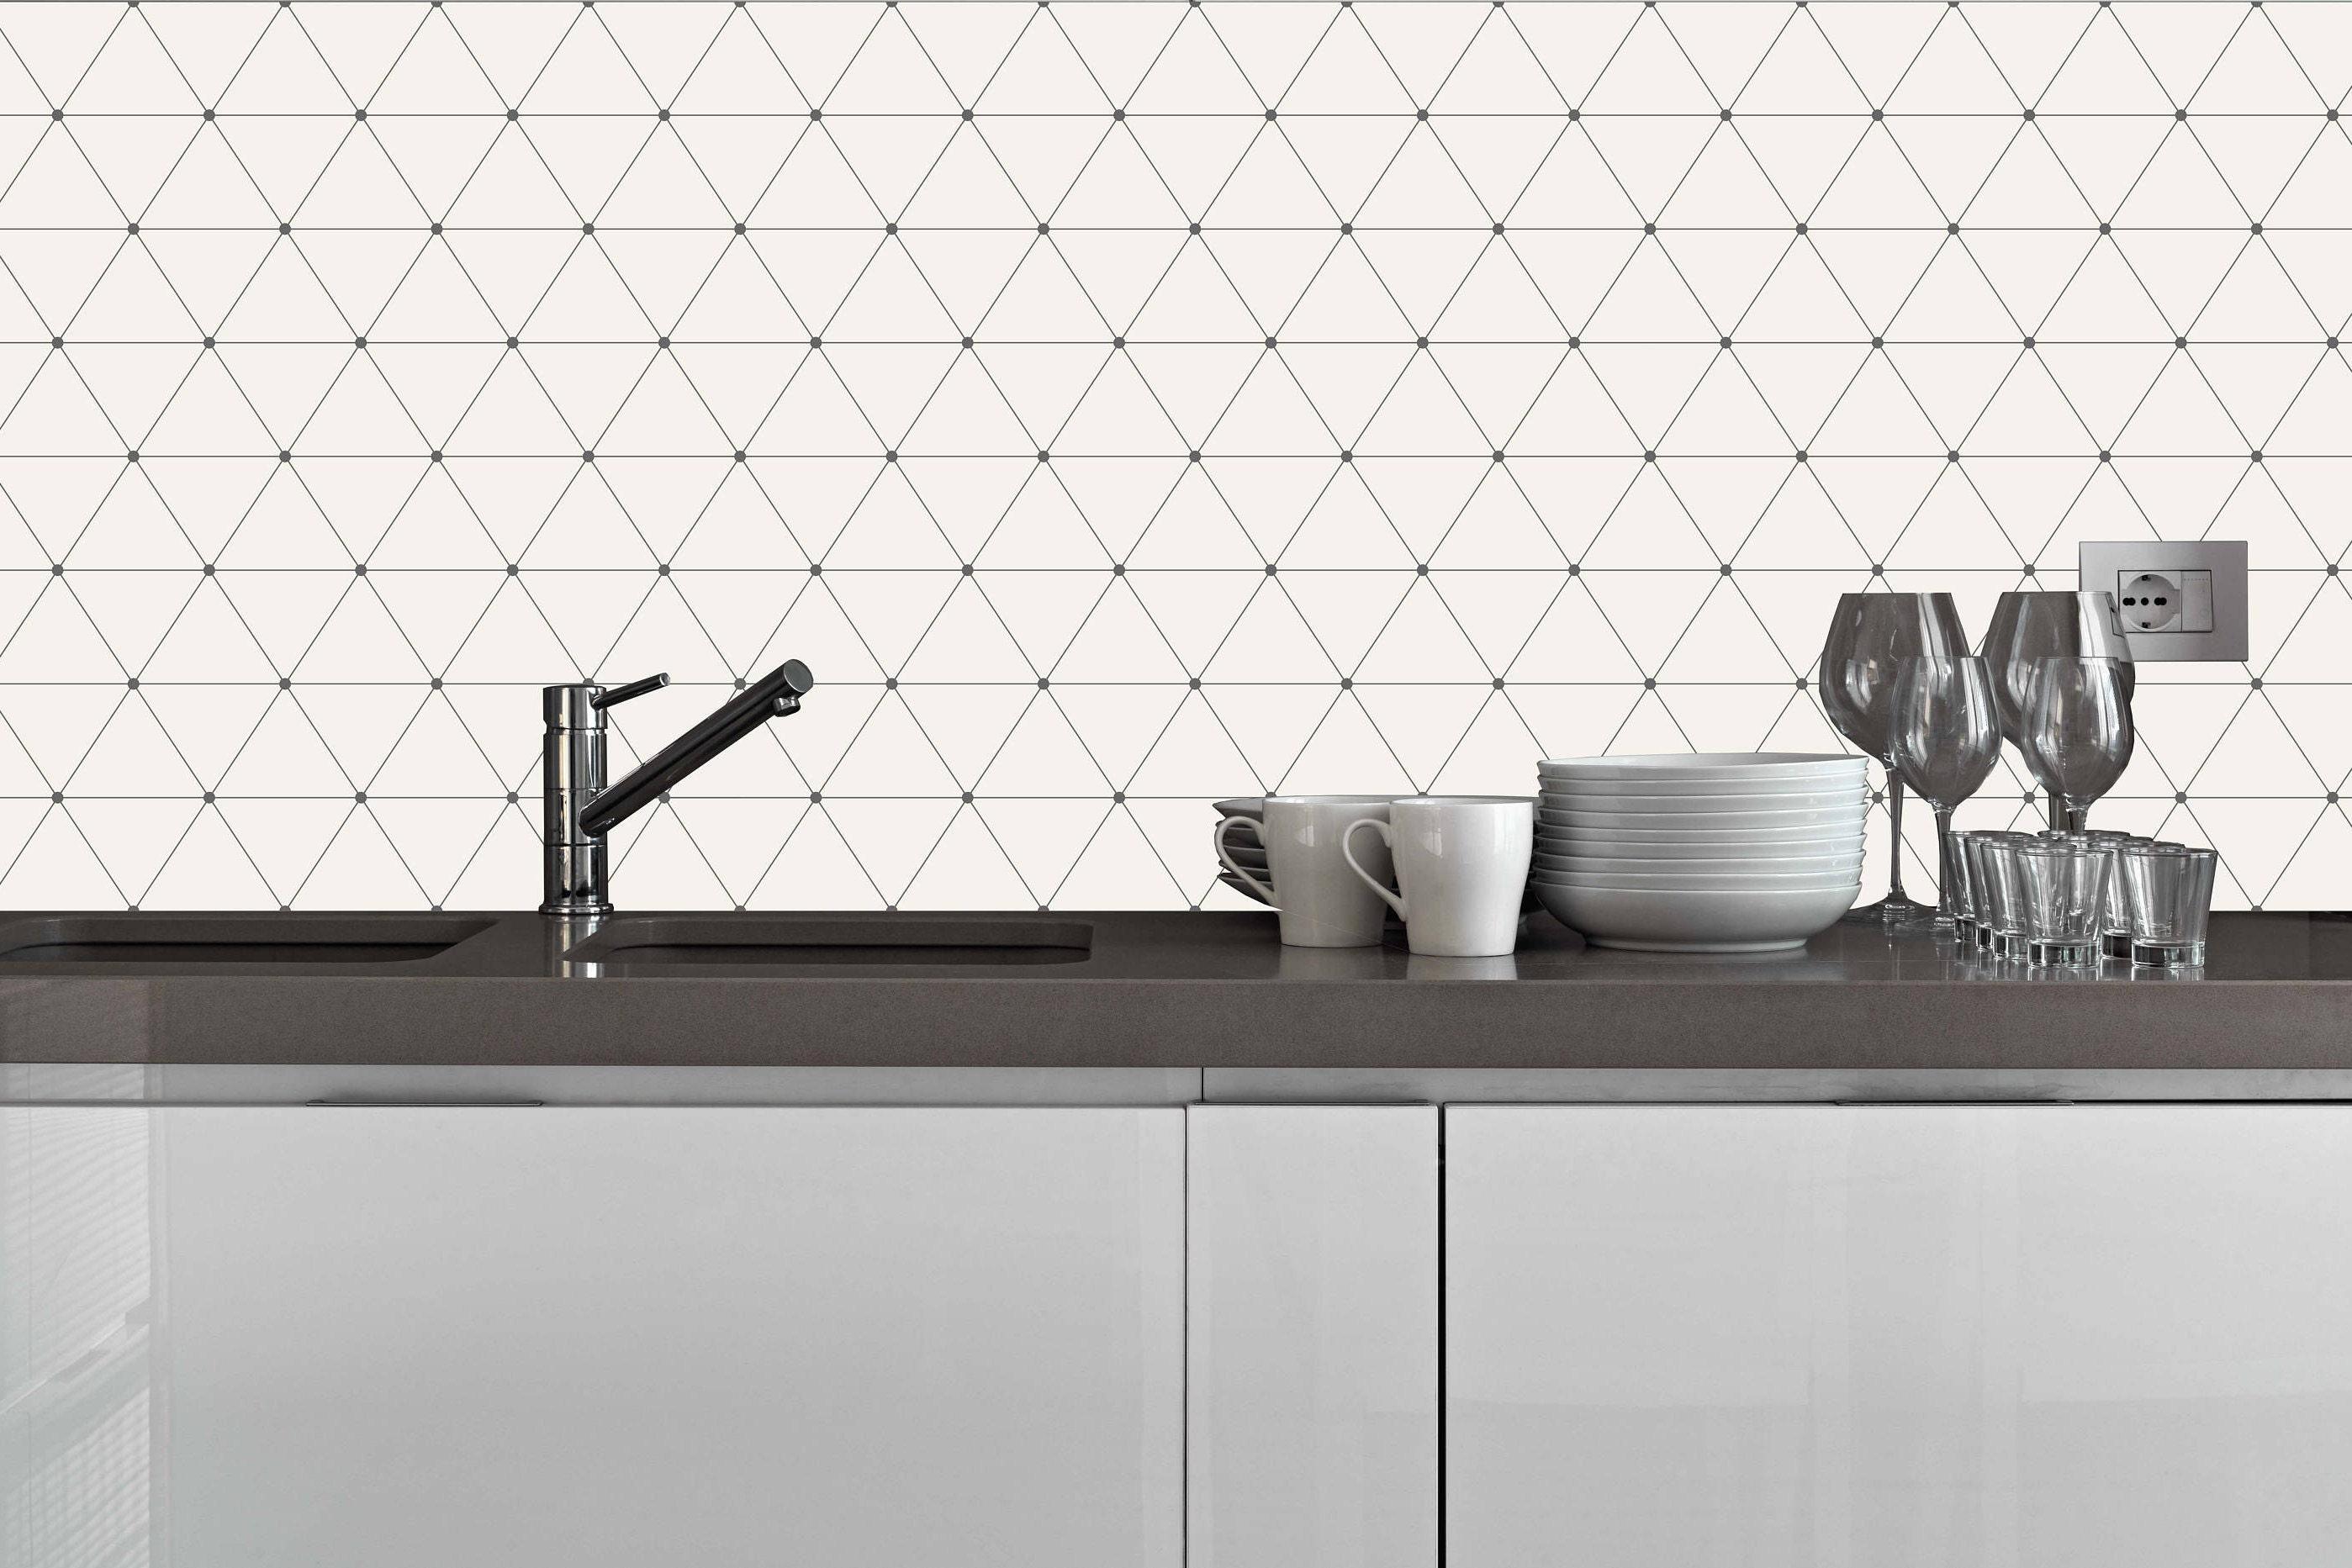 keuken tegels stickers : Tegels Stickers Tegels Voor Trappen Tegels Voor De Keuken